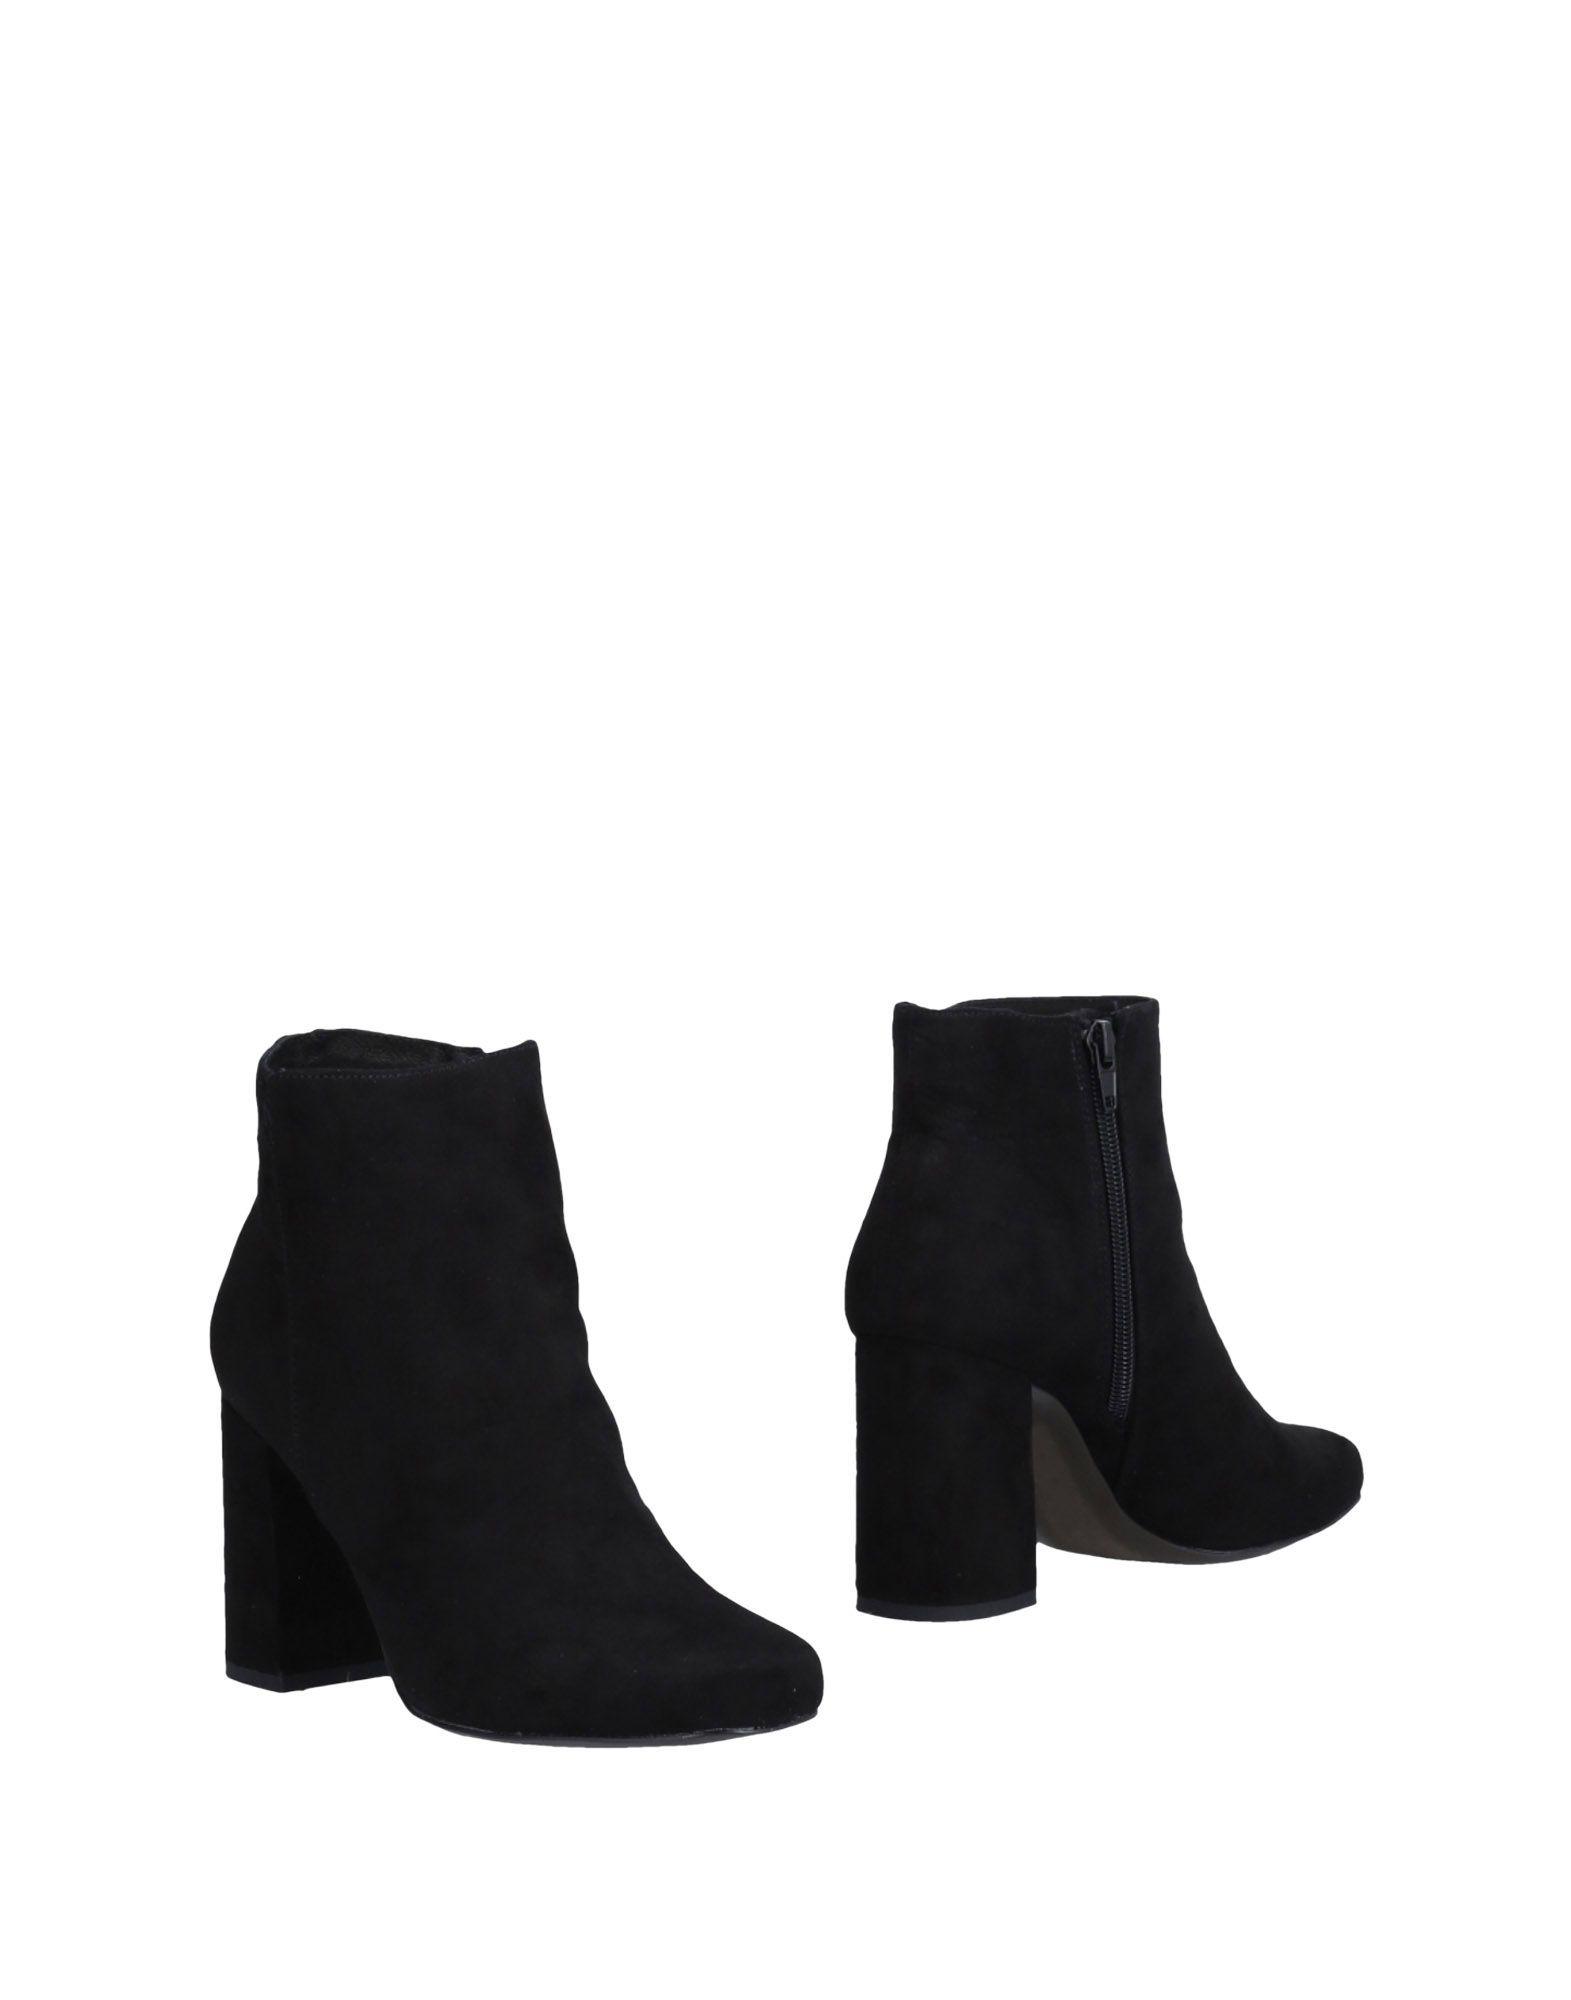 Fornarina Stiefelette Damen  11494054EC Gute Qualität beliebte Schuhe